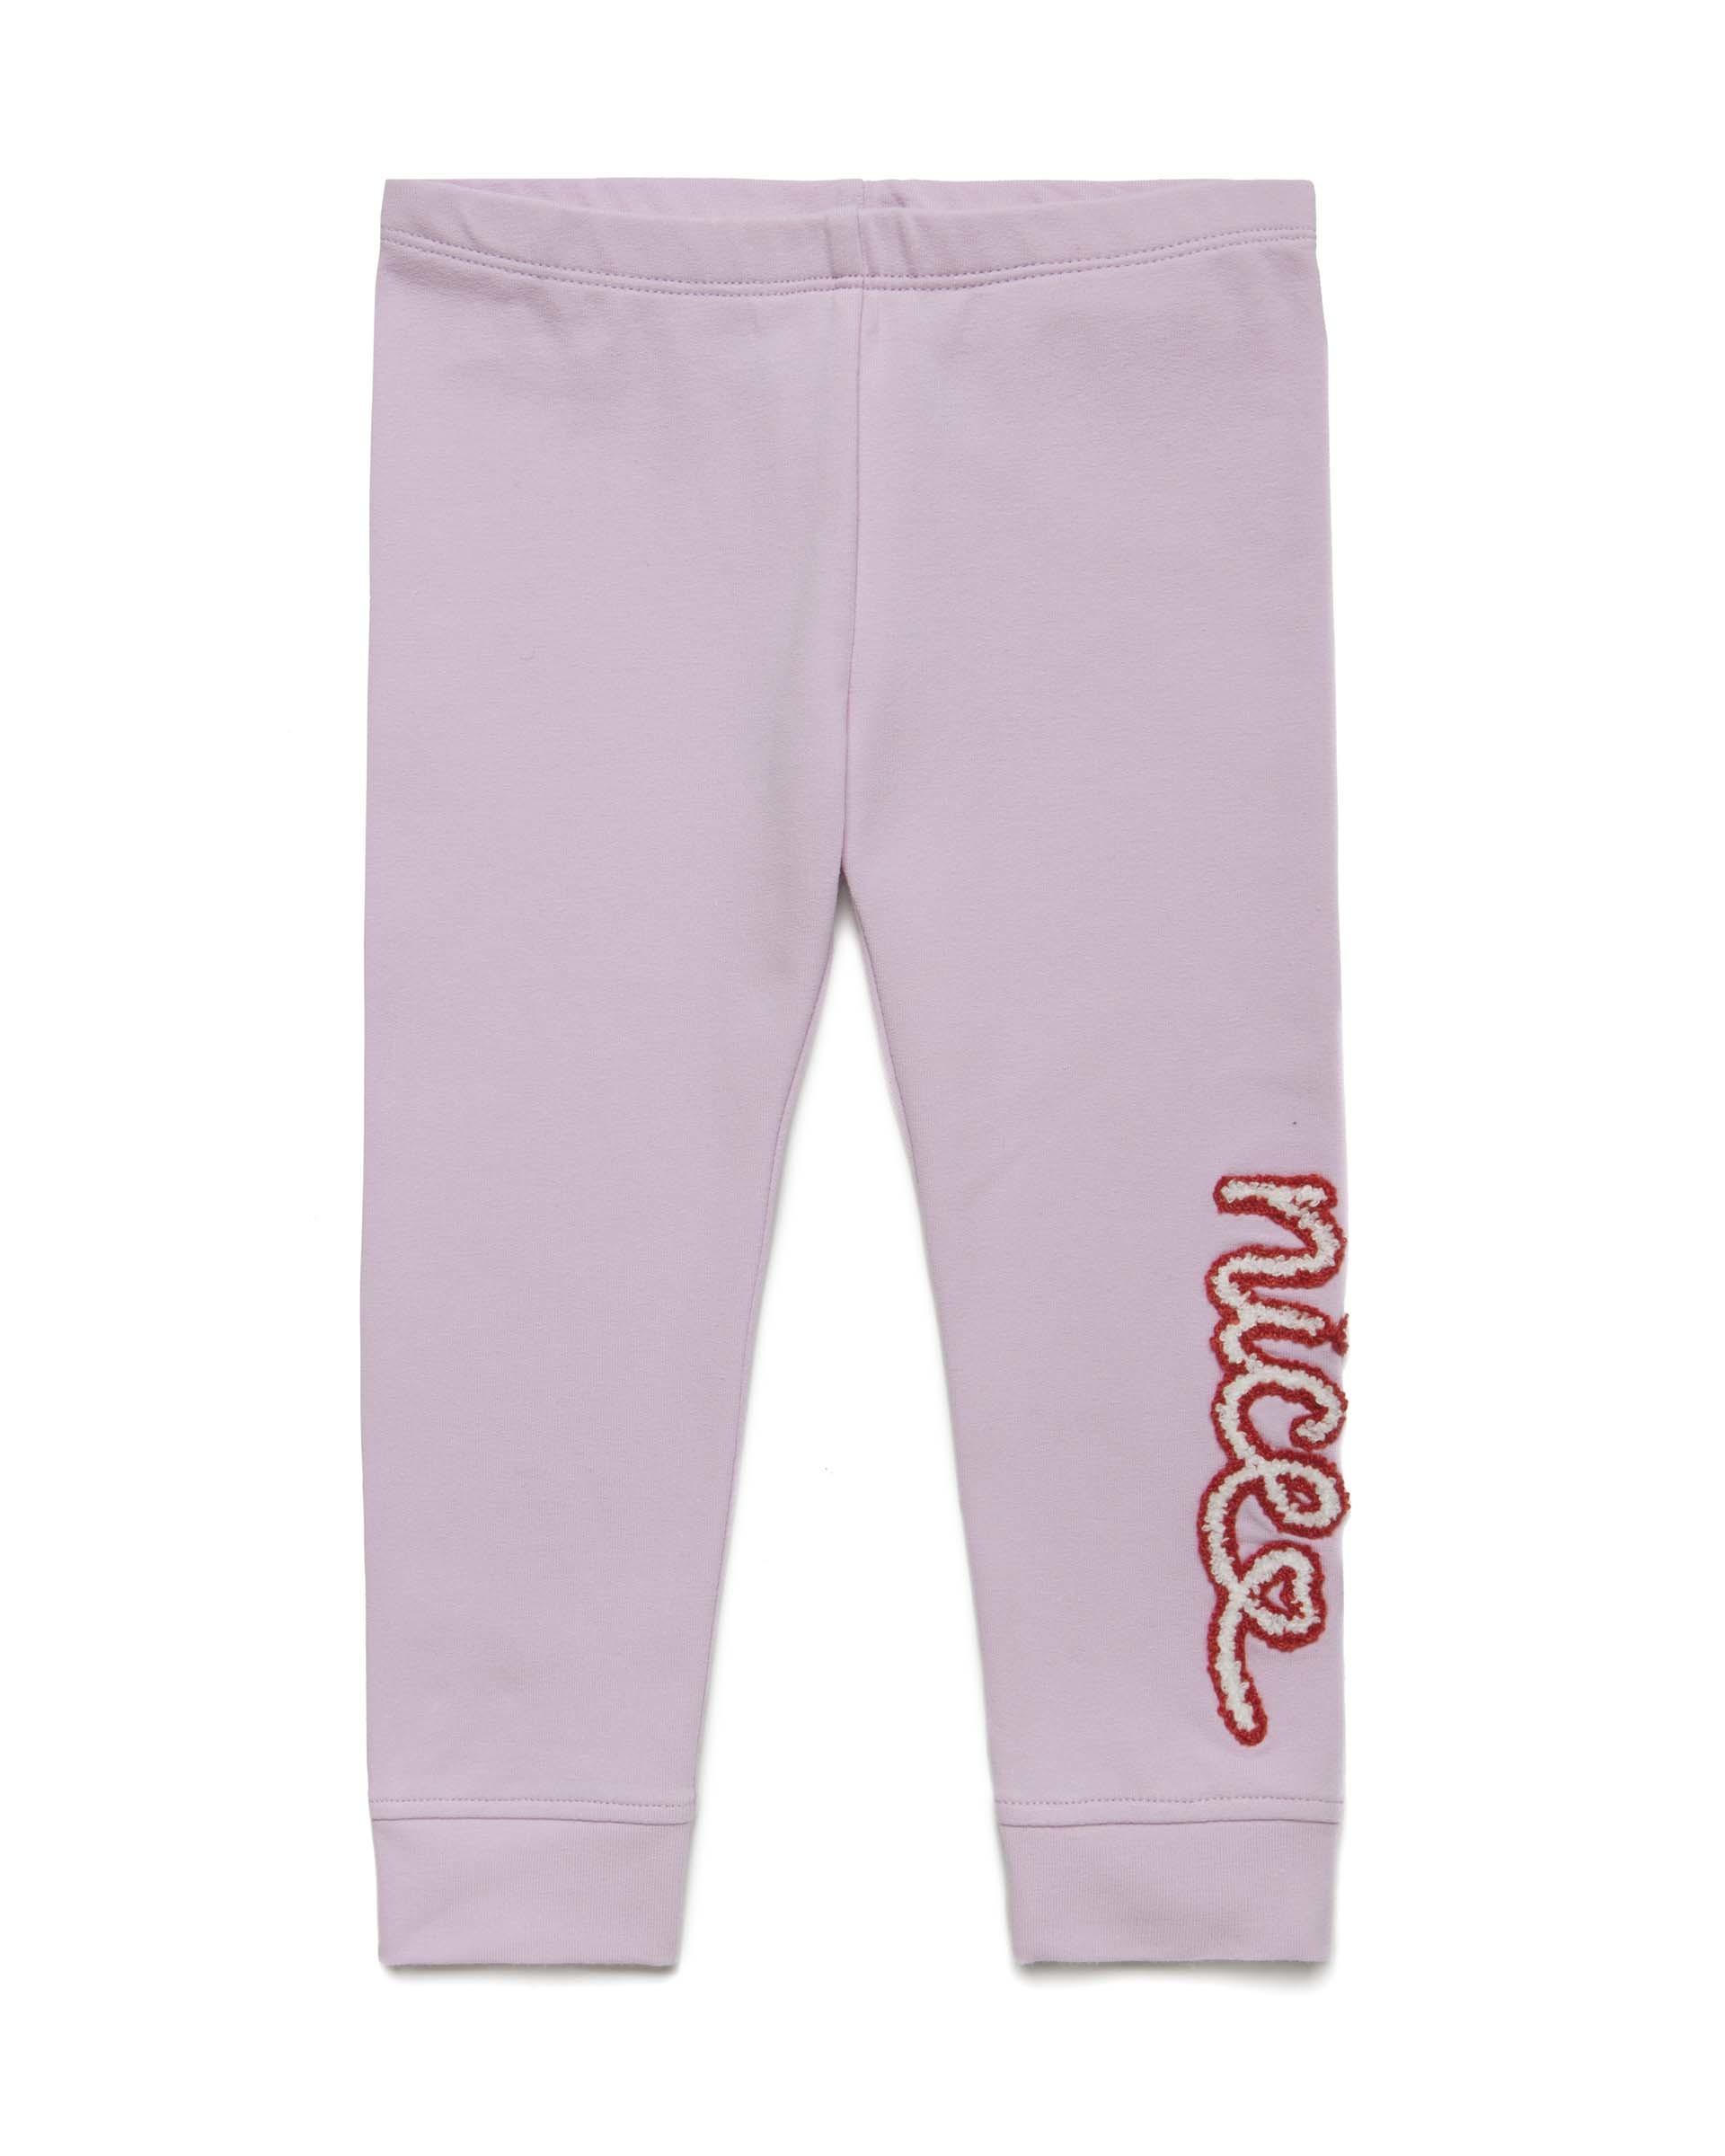 Купить 20P_3CY4I02EP_07M, Спортивные брюки для девочек Benetton 3CY4I02EP_07M р-р 92, United Colors of Benetton, Шорты и брюки для новорожденных